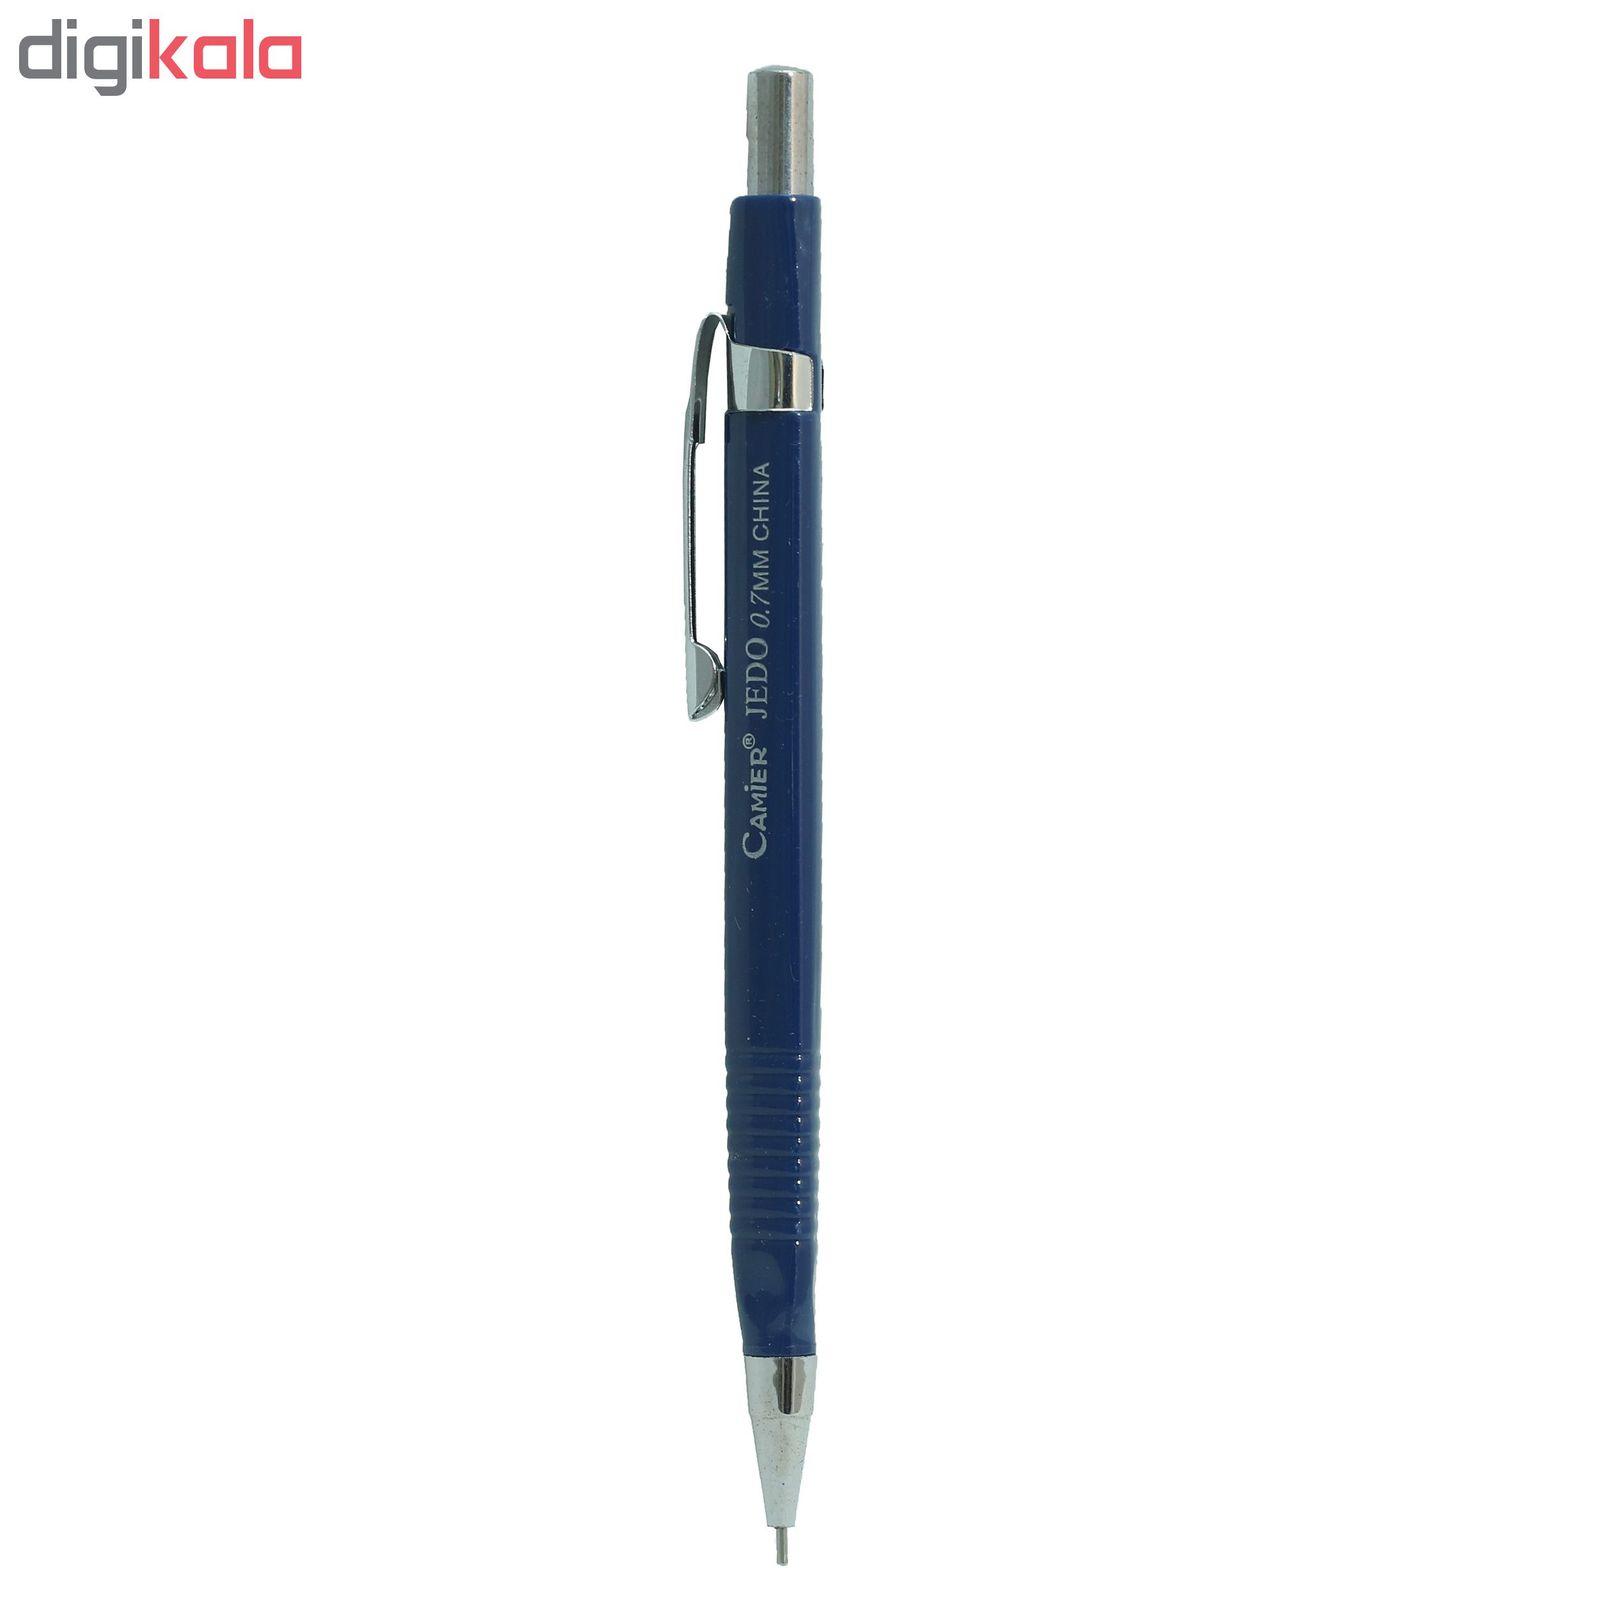 مداد نوکی 0.7 میلی متری جیدو مدل Camier main 1 3